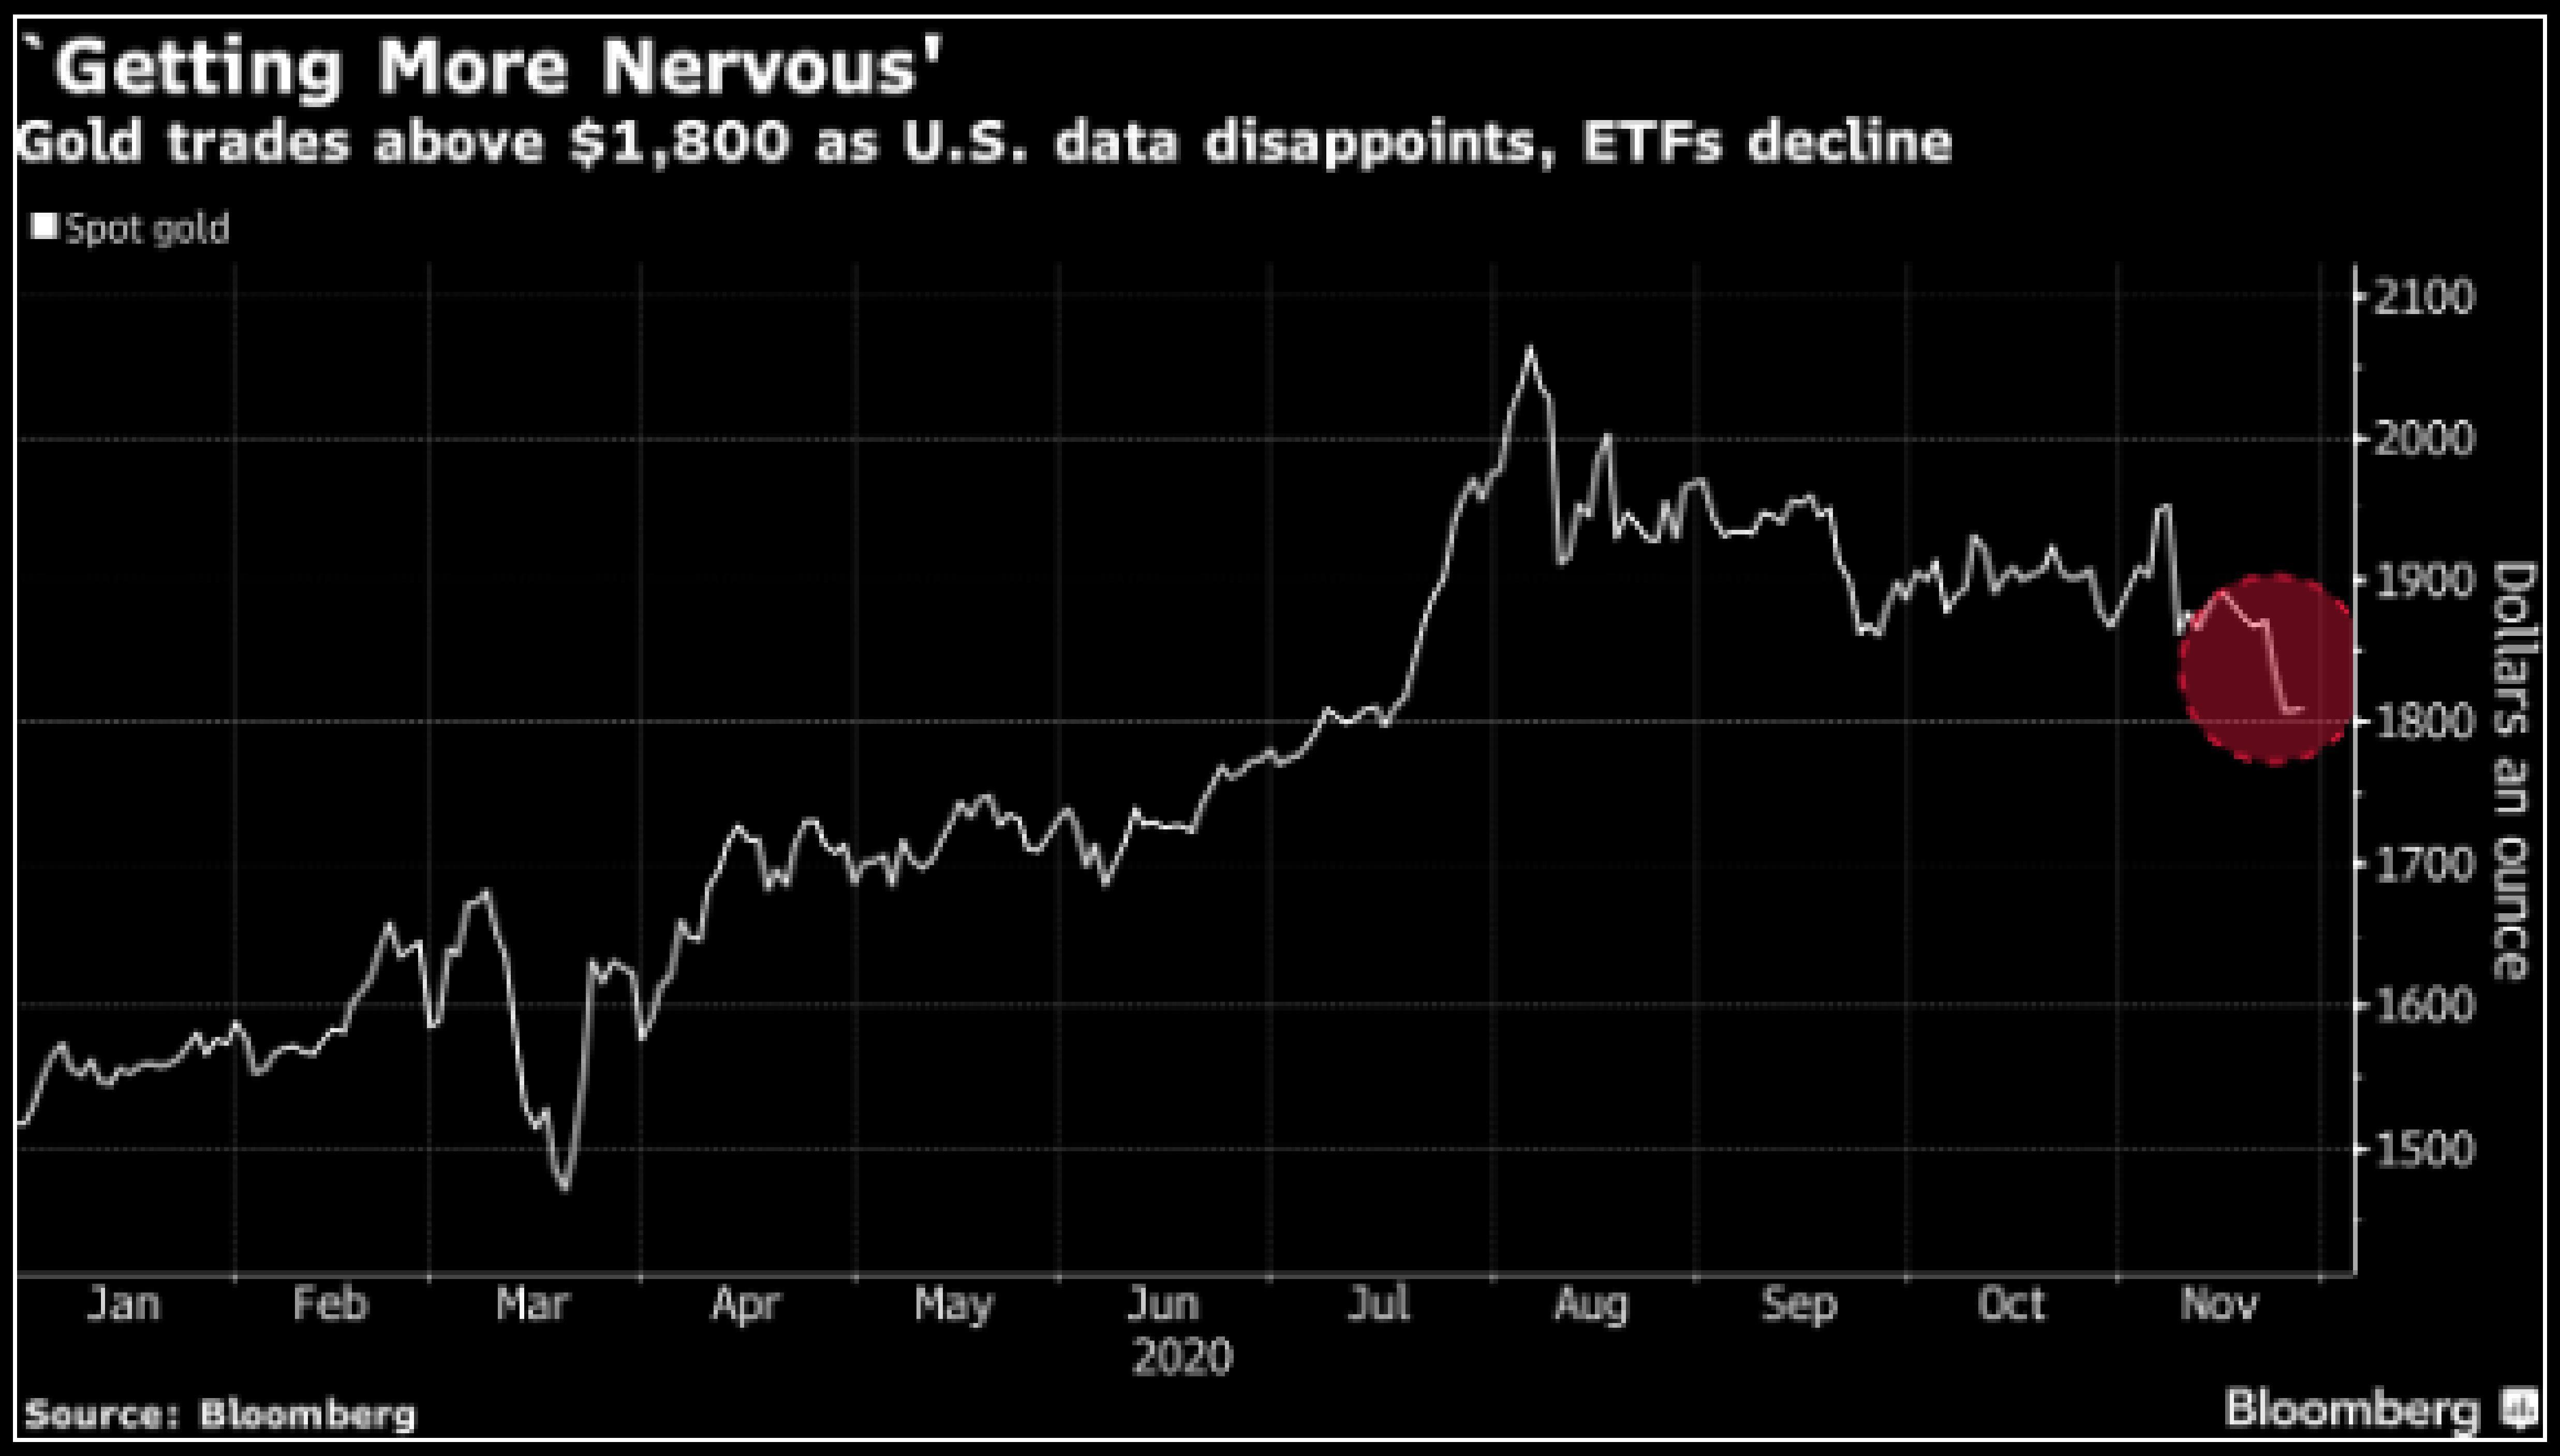 Mốc $1,800/oz tiếp tục đứng vững trước những dữ liệu gây thất vọng của Hoa Kỳ và sụt giảm nắm giữ của các quỹ ETF